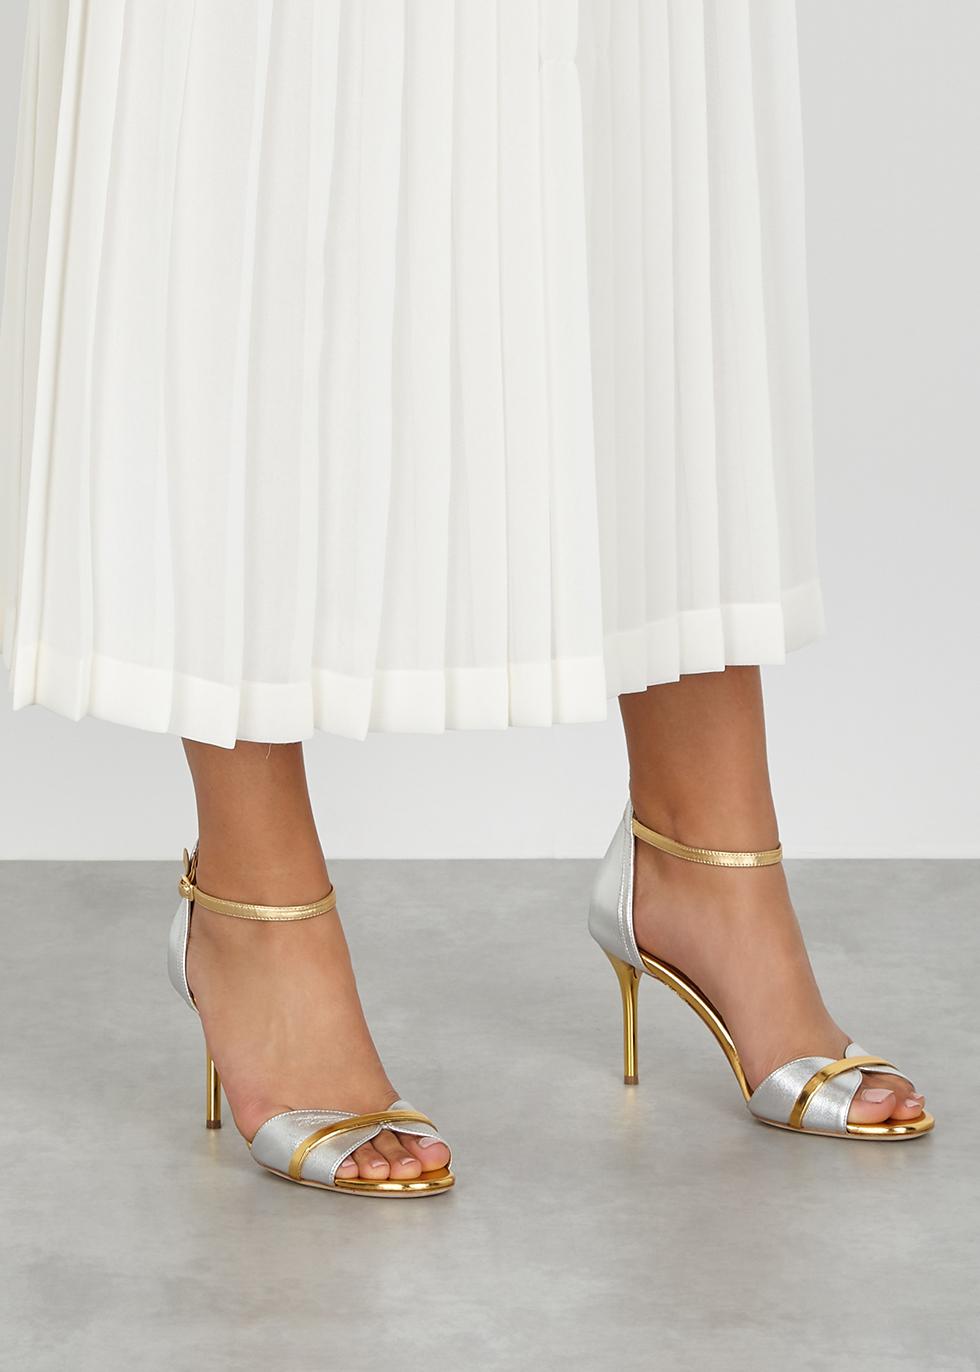 b7976e2aa14d4 Women's Designer Shoes - Ladies Shoes - Harvey Nichols